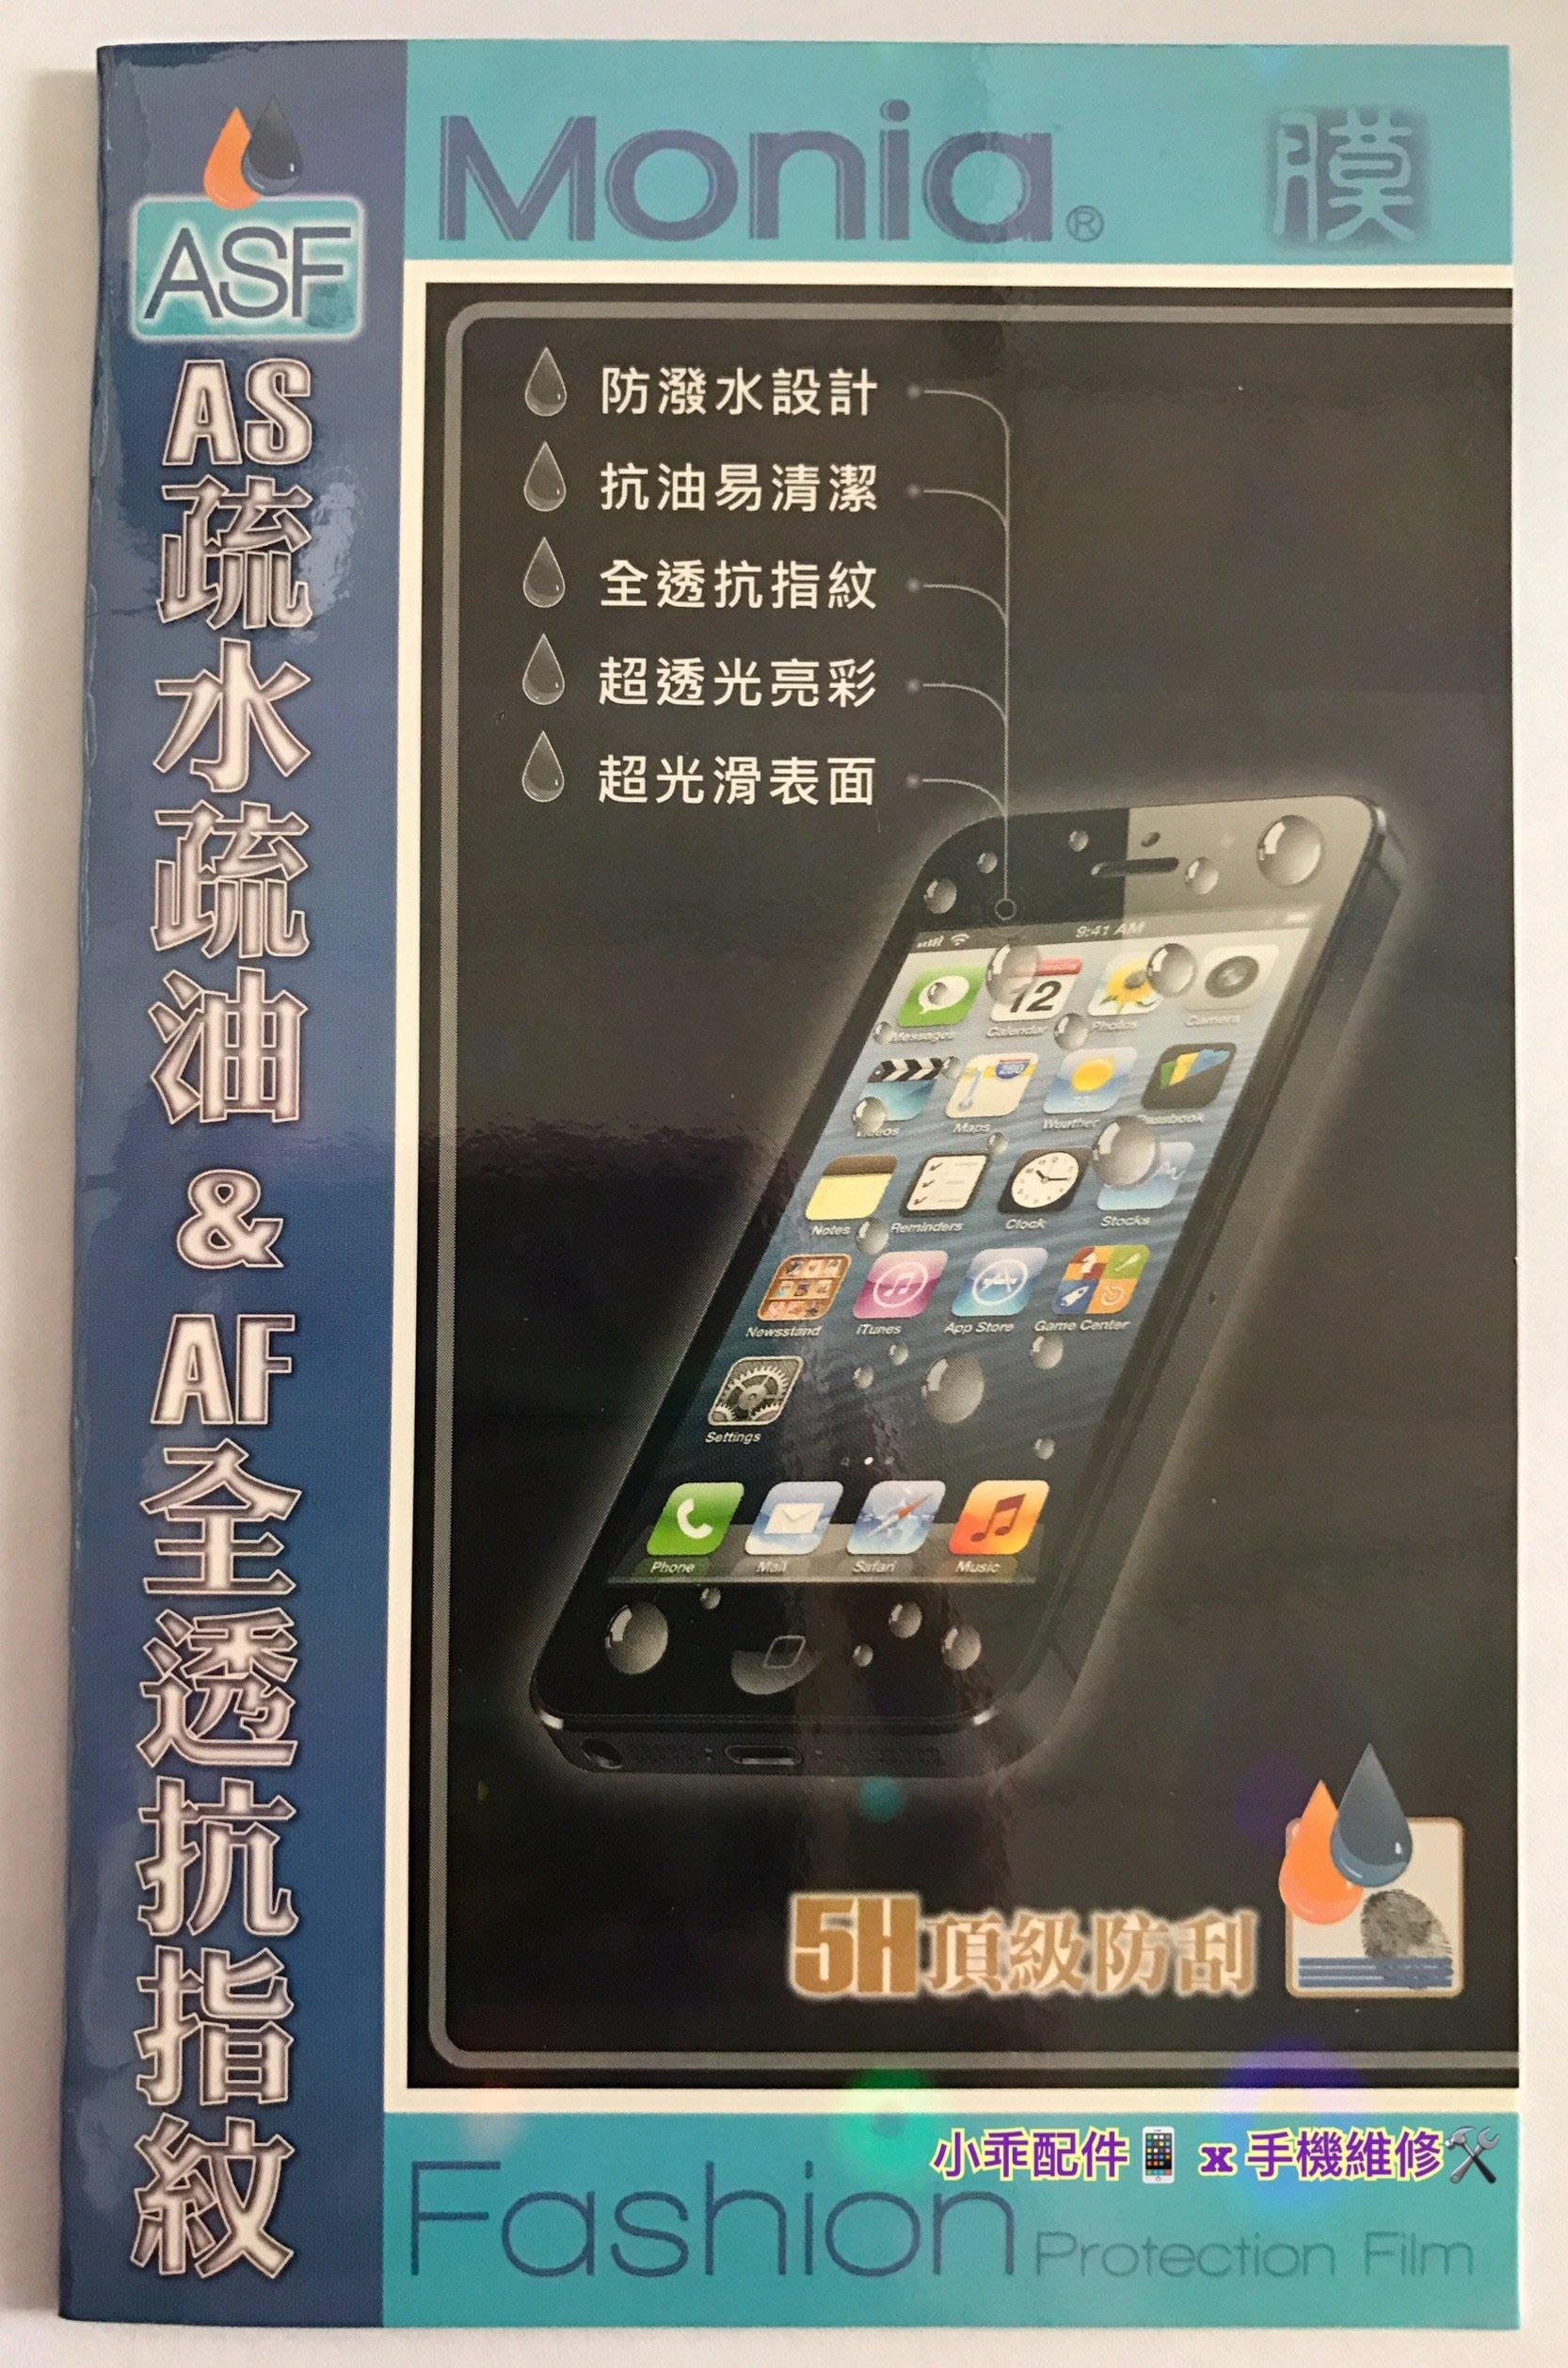 HTC Desire Z〈A7272〉ASF疏水疏油保護膜 透亮抗指紋螢幕保護貼 靜電貼附後鏡頭貼【小乖配件】